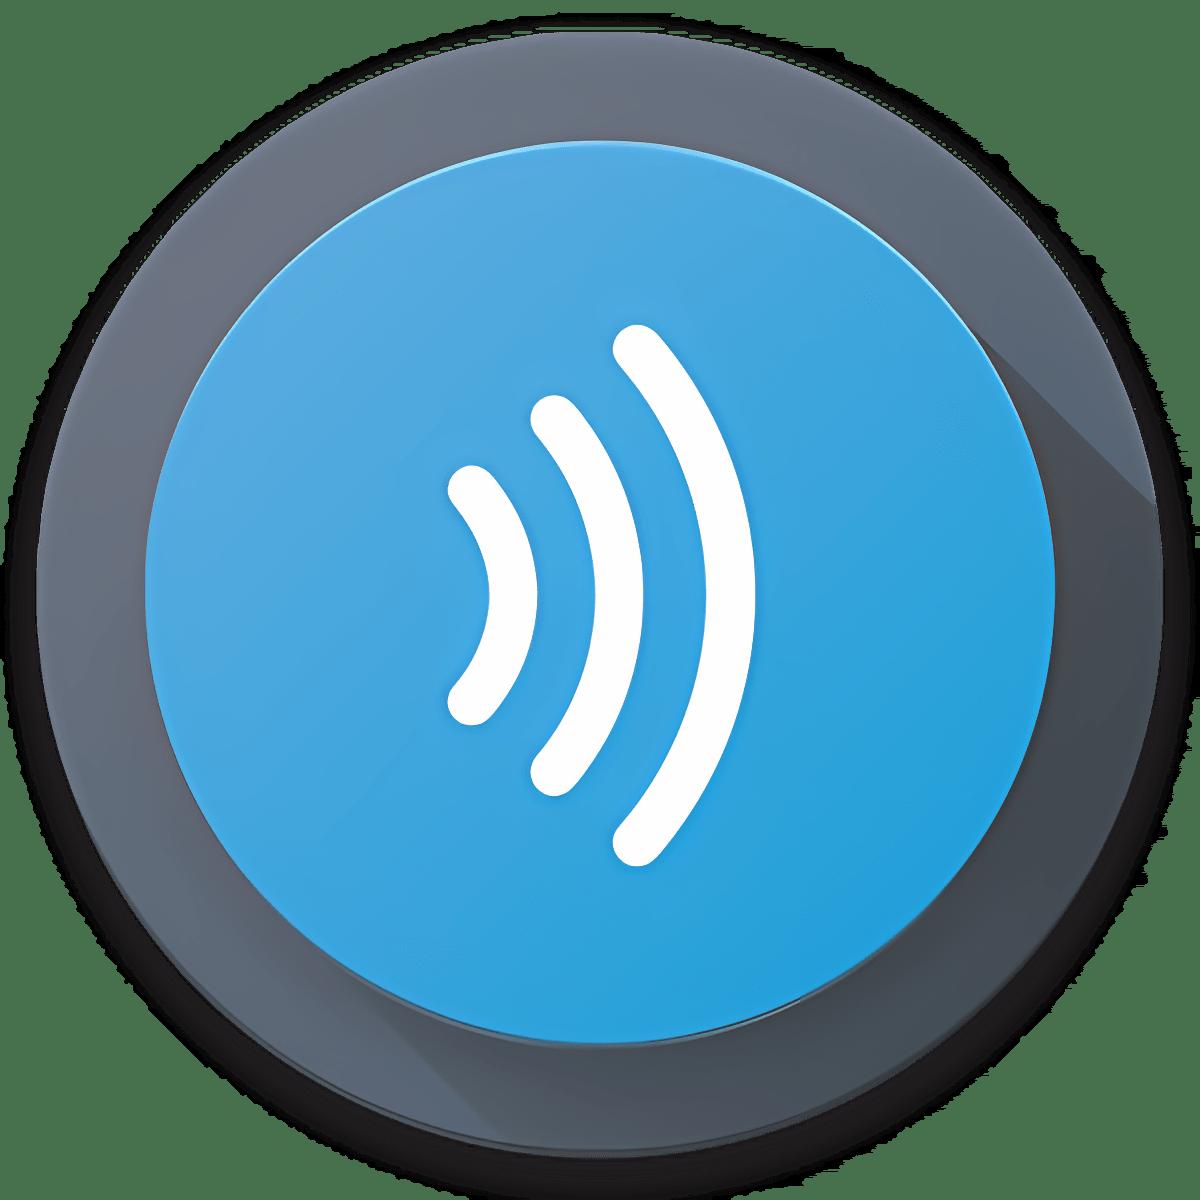 WAVE Push-to-Talk (PTT) (5.12)